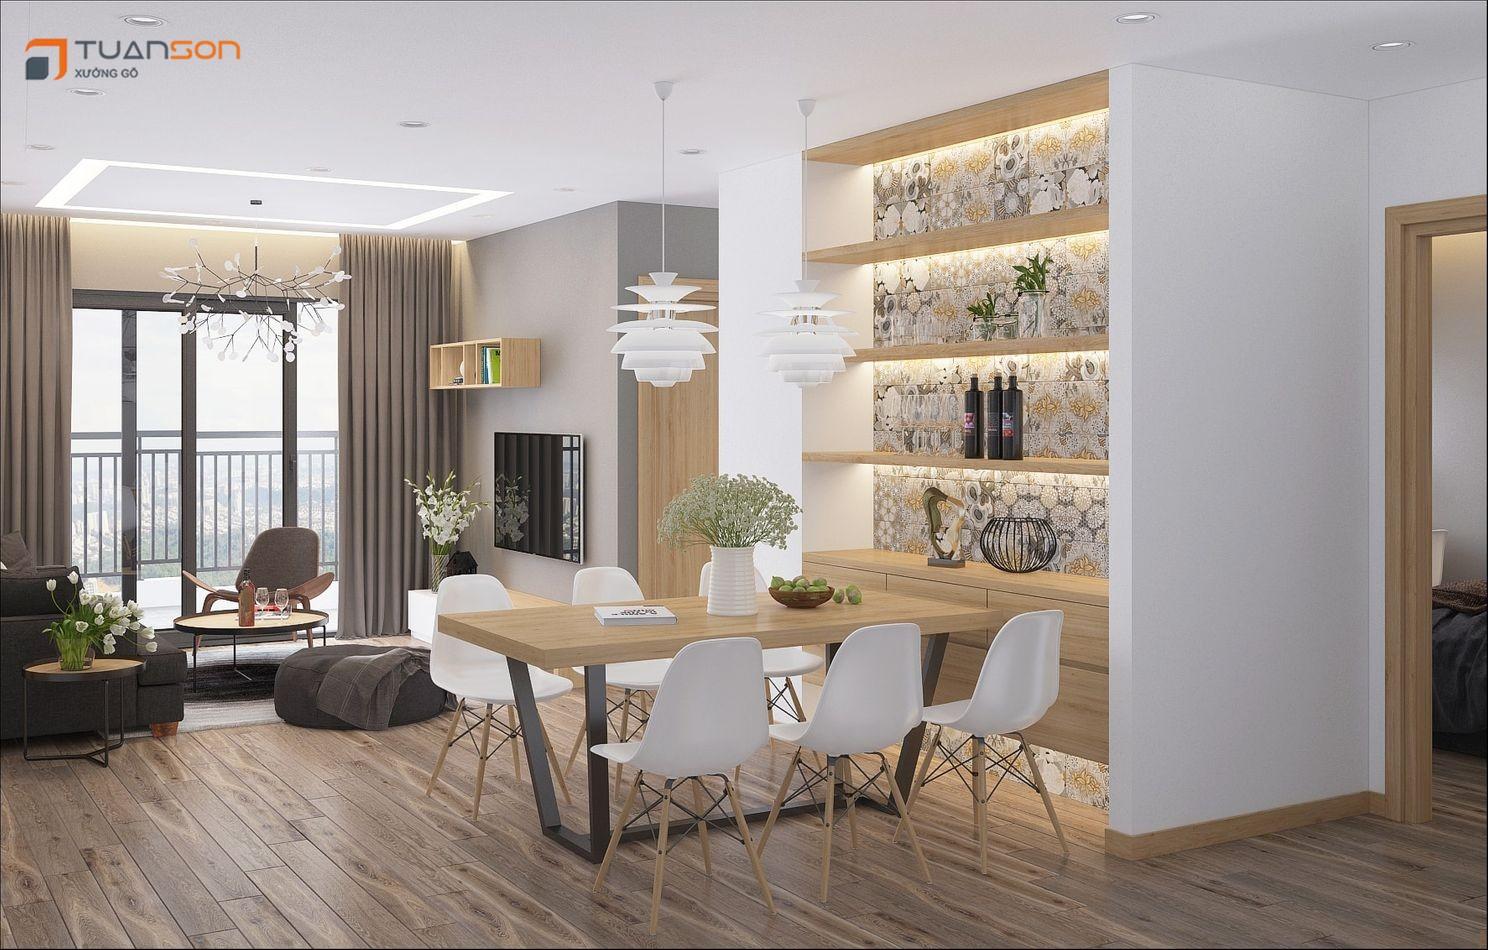 Thiết kế nội thất căn hộ 74m2 (2PN) chung cư Phương Đông Green Park Số 1 Trần Thủ Độ